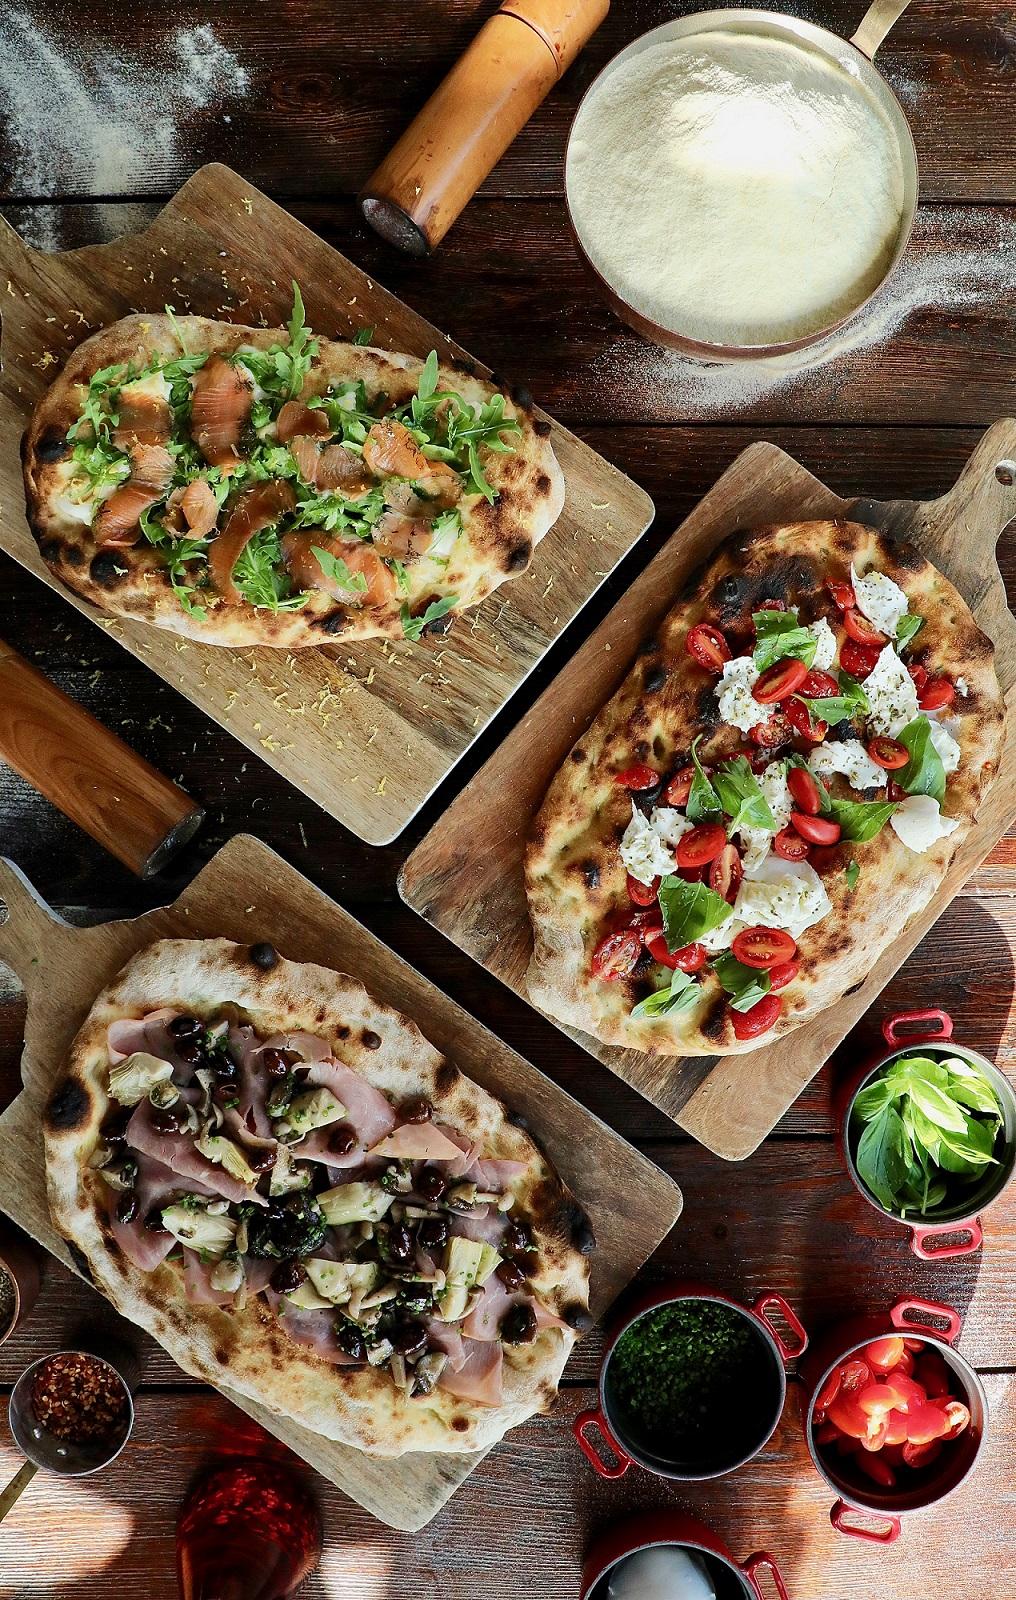 إستمتعوا بقائمة حصرية من بيتزا رومانا في مطعم تراتوريا توسكانا